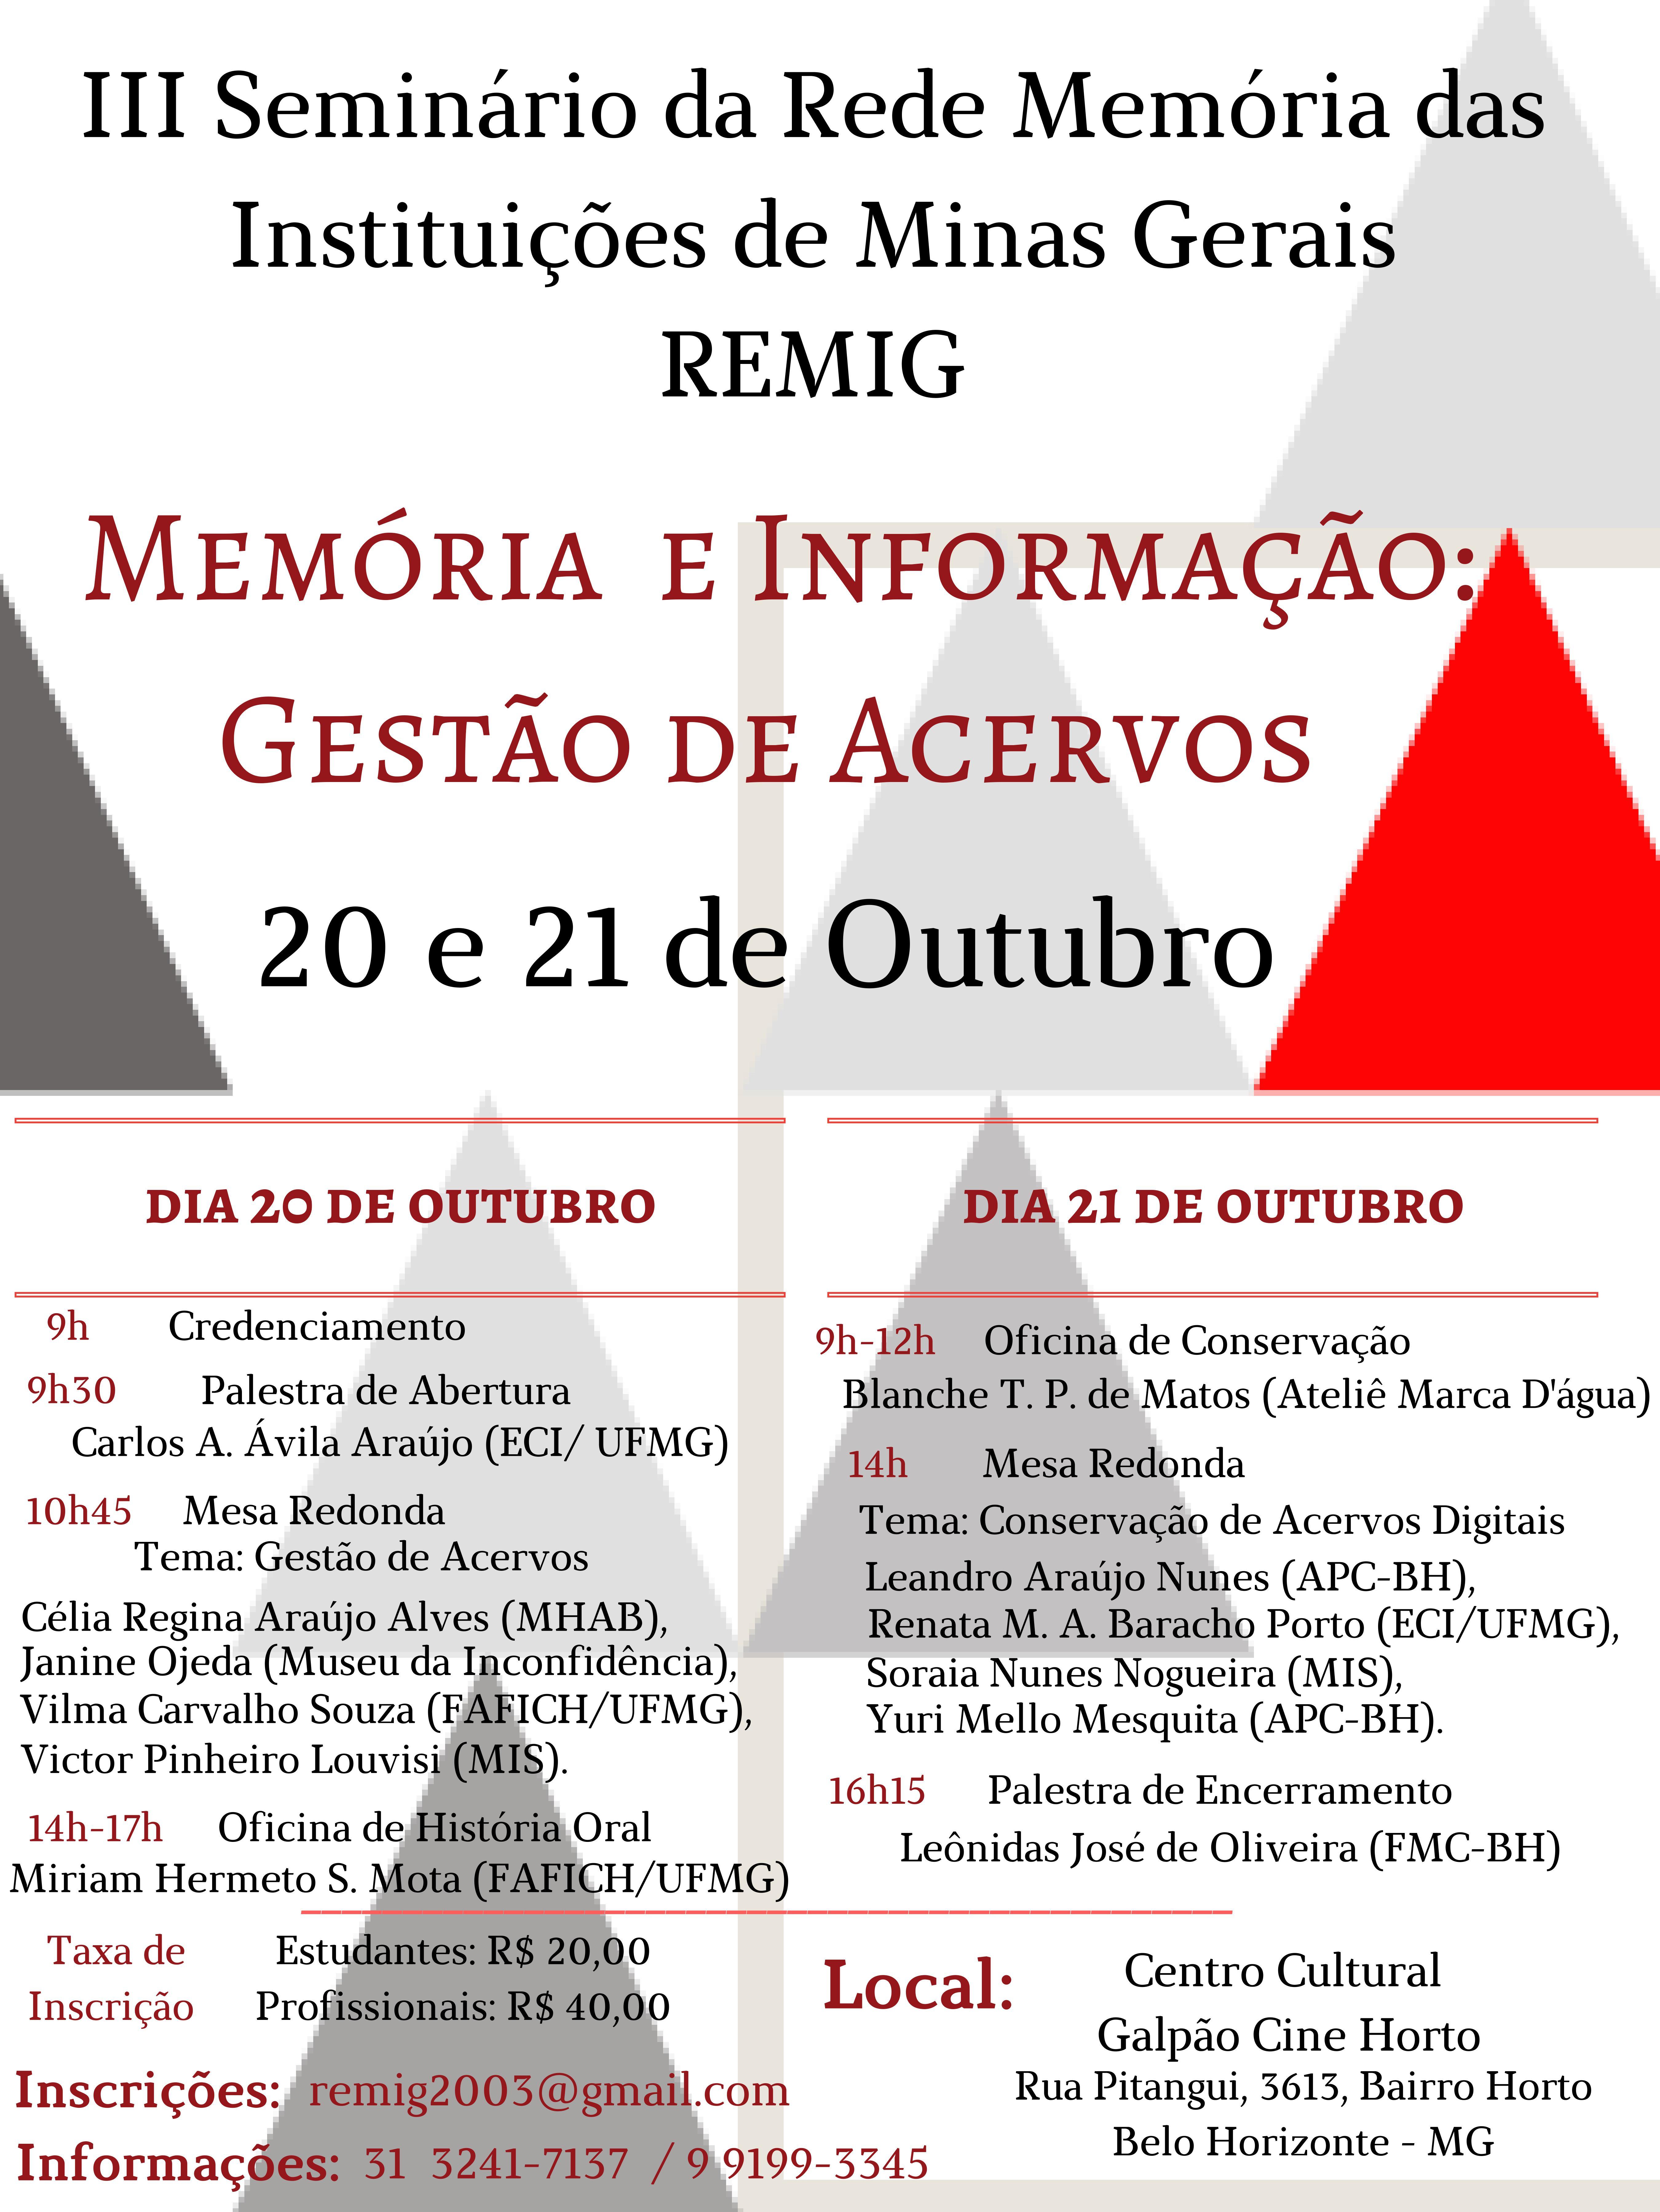 iii-seminario-da-rede-memoria-das-instituicoes-de-minas-gerais-remig